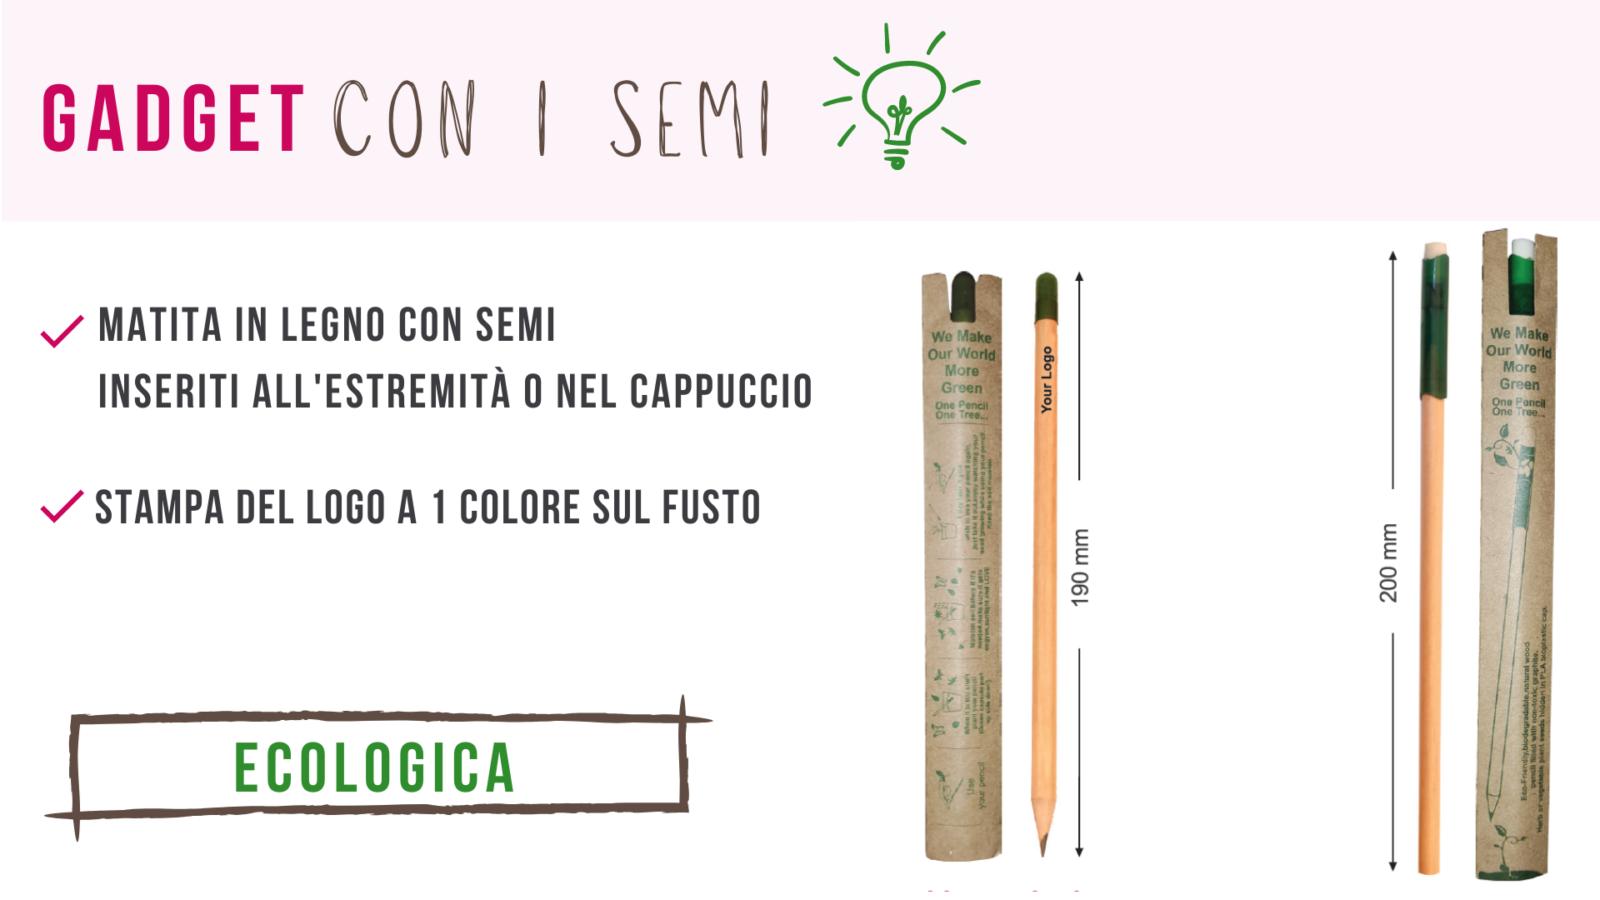 matita ecologica con semi tipo sprout